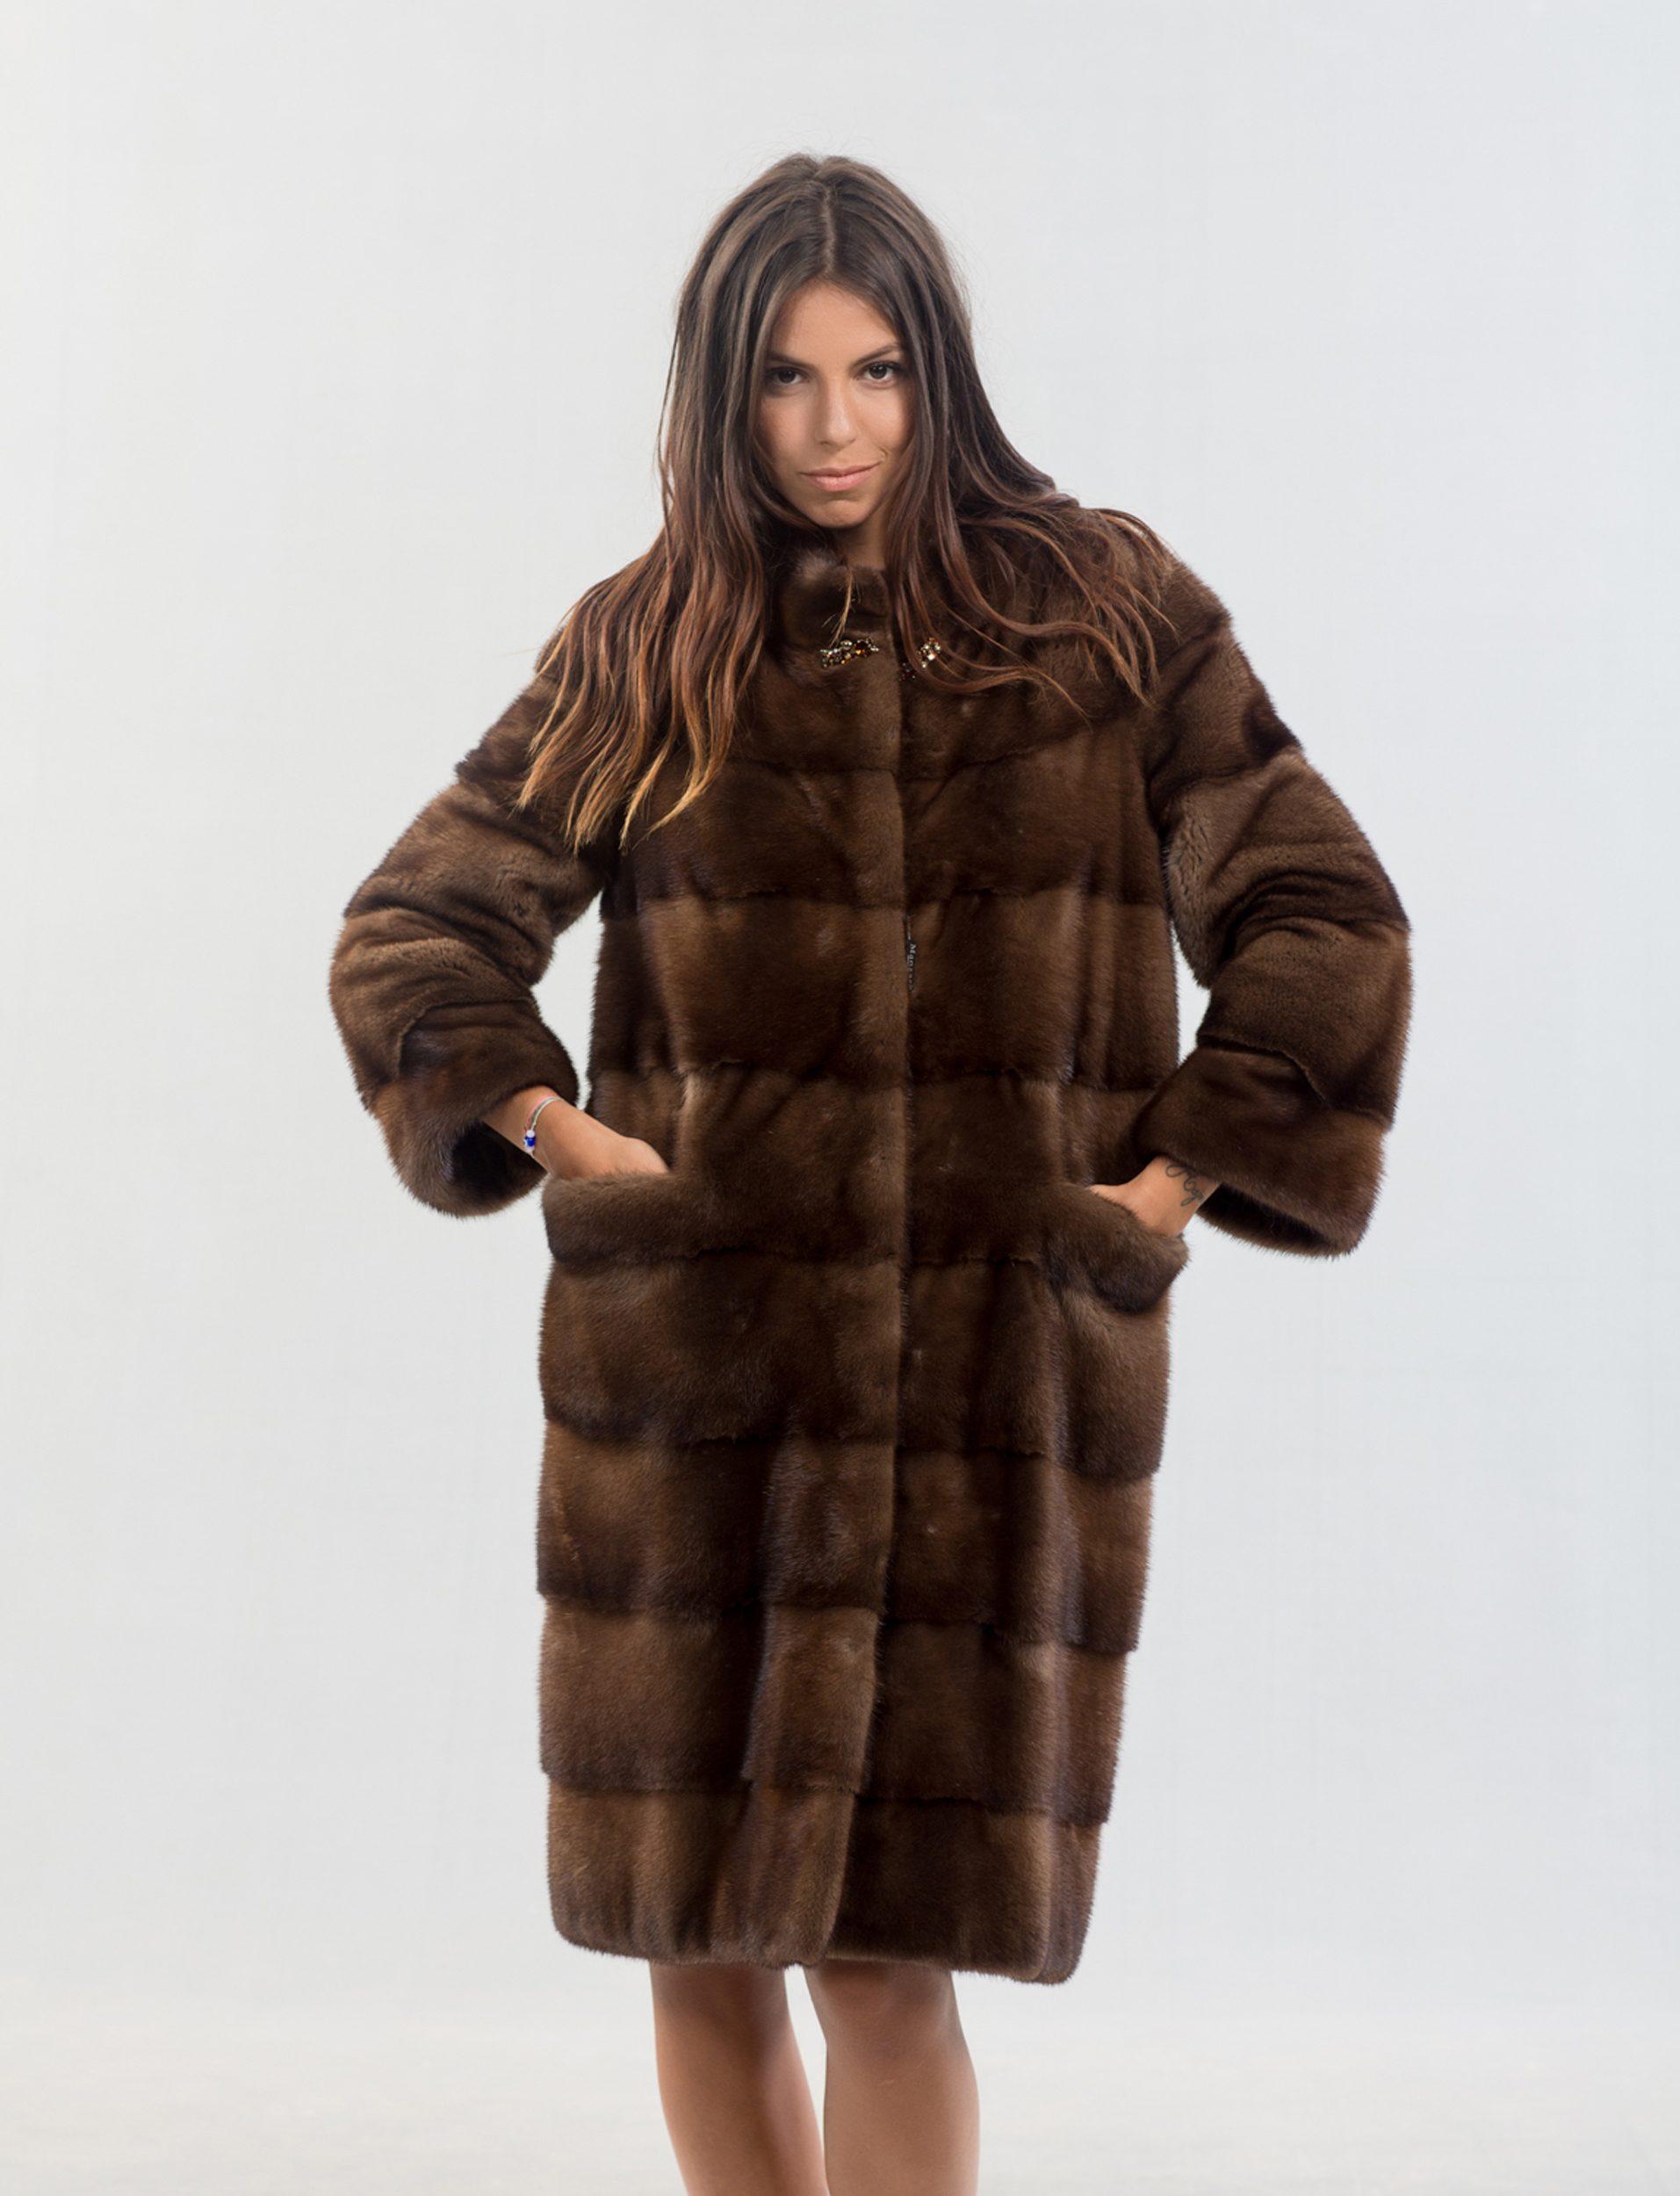 sc glow mink fur coat 100 real fur coats and accessories